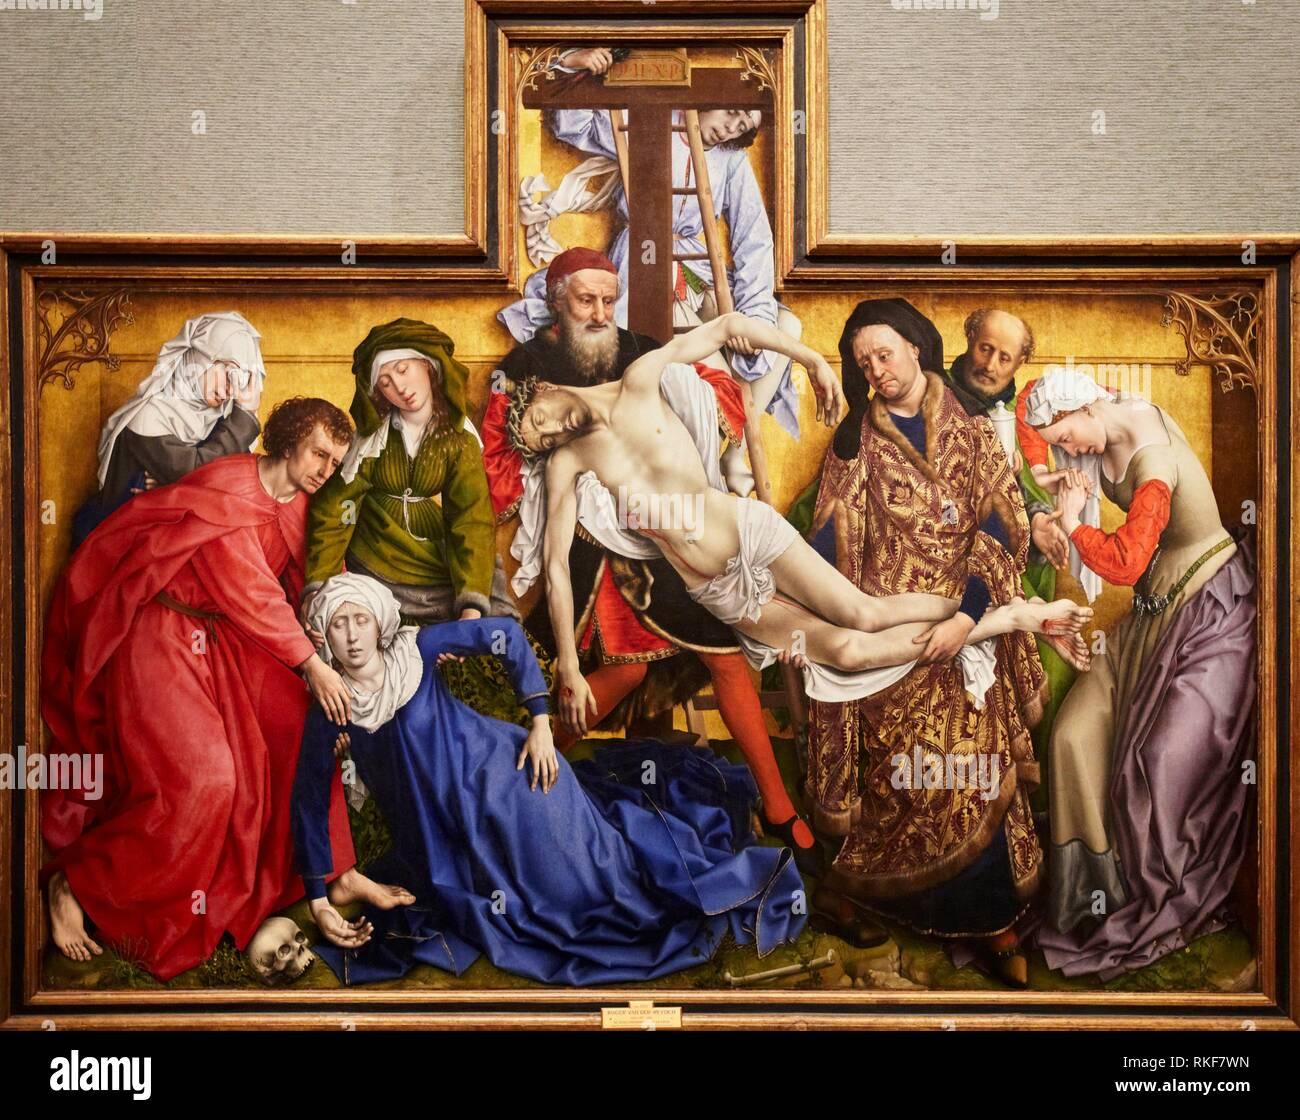 El Descendimiento De La Cruz 1443 Rogier Van Der Weyden Museo Del Prado Madrid Spanien Stockfotografie Alamy